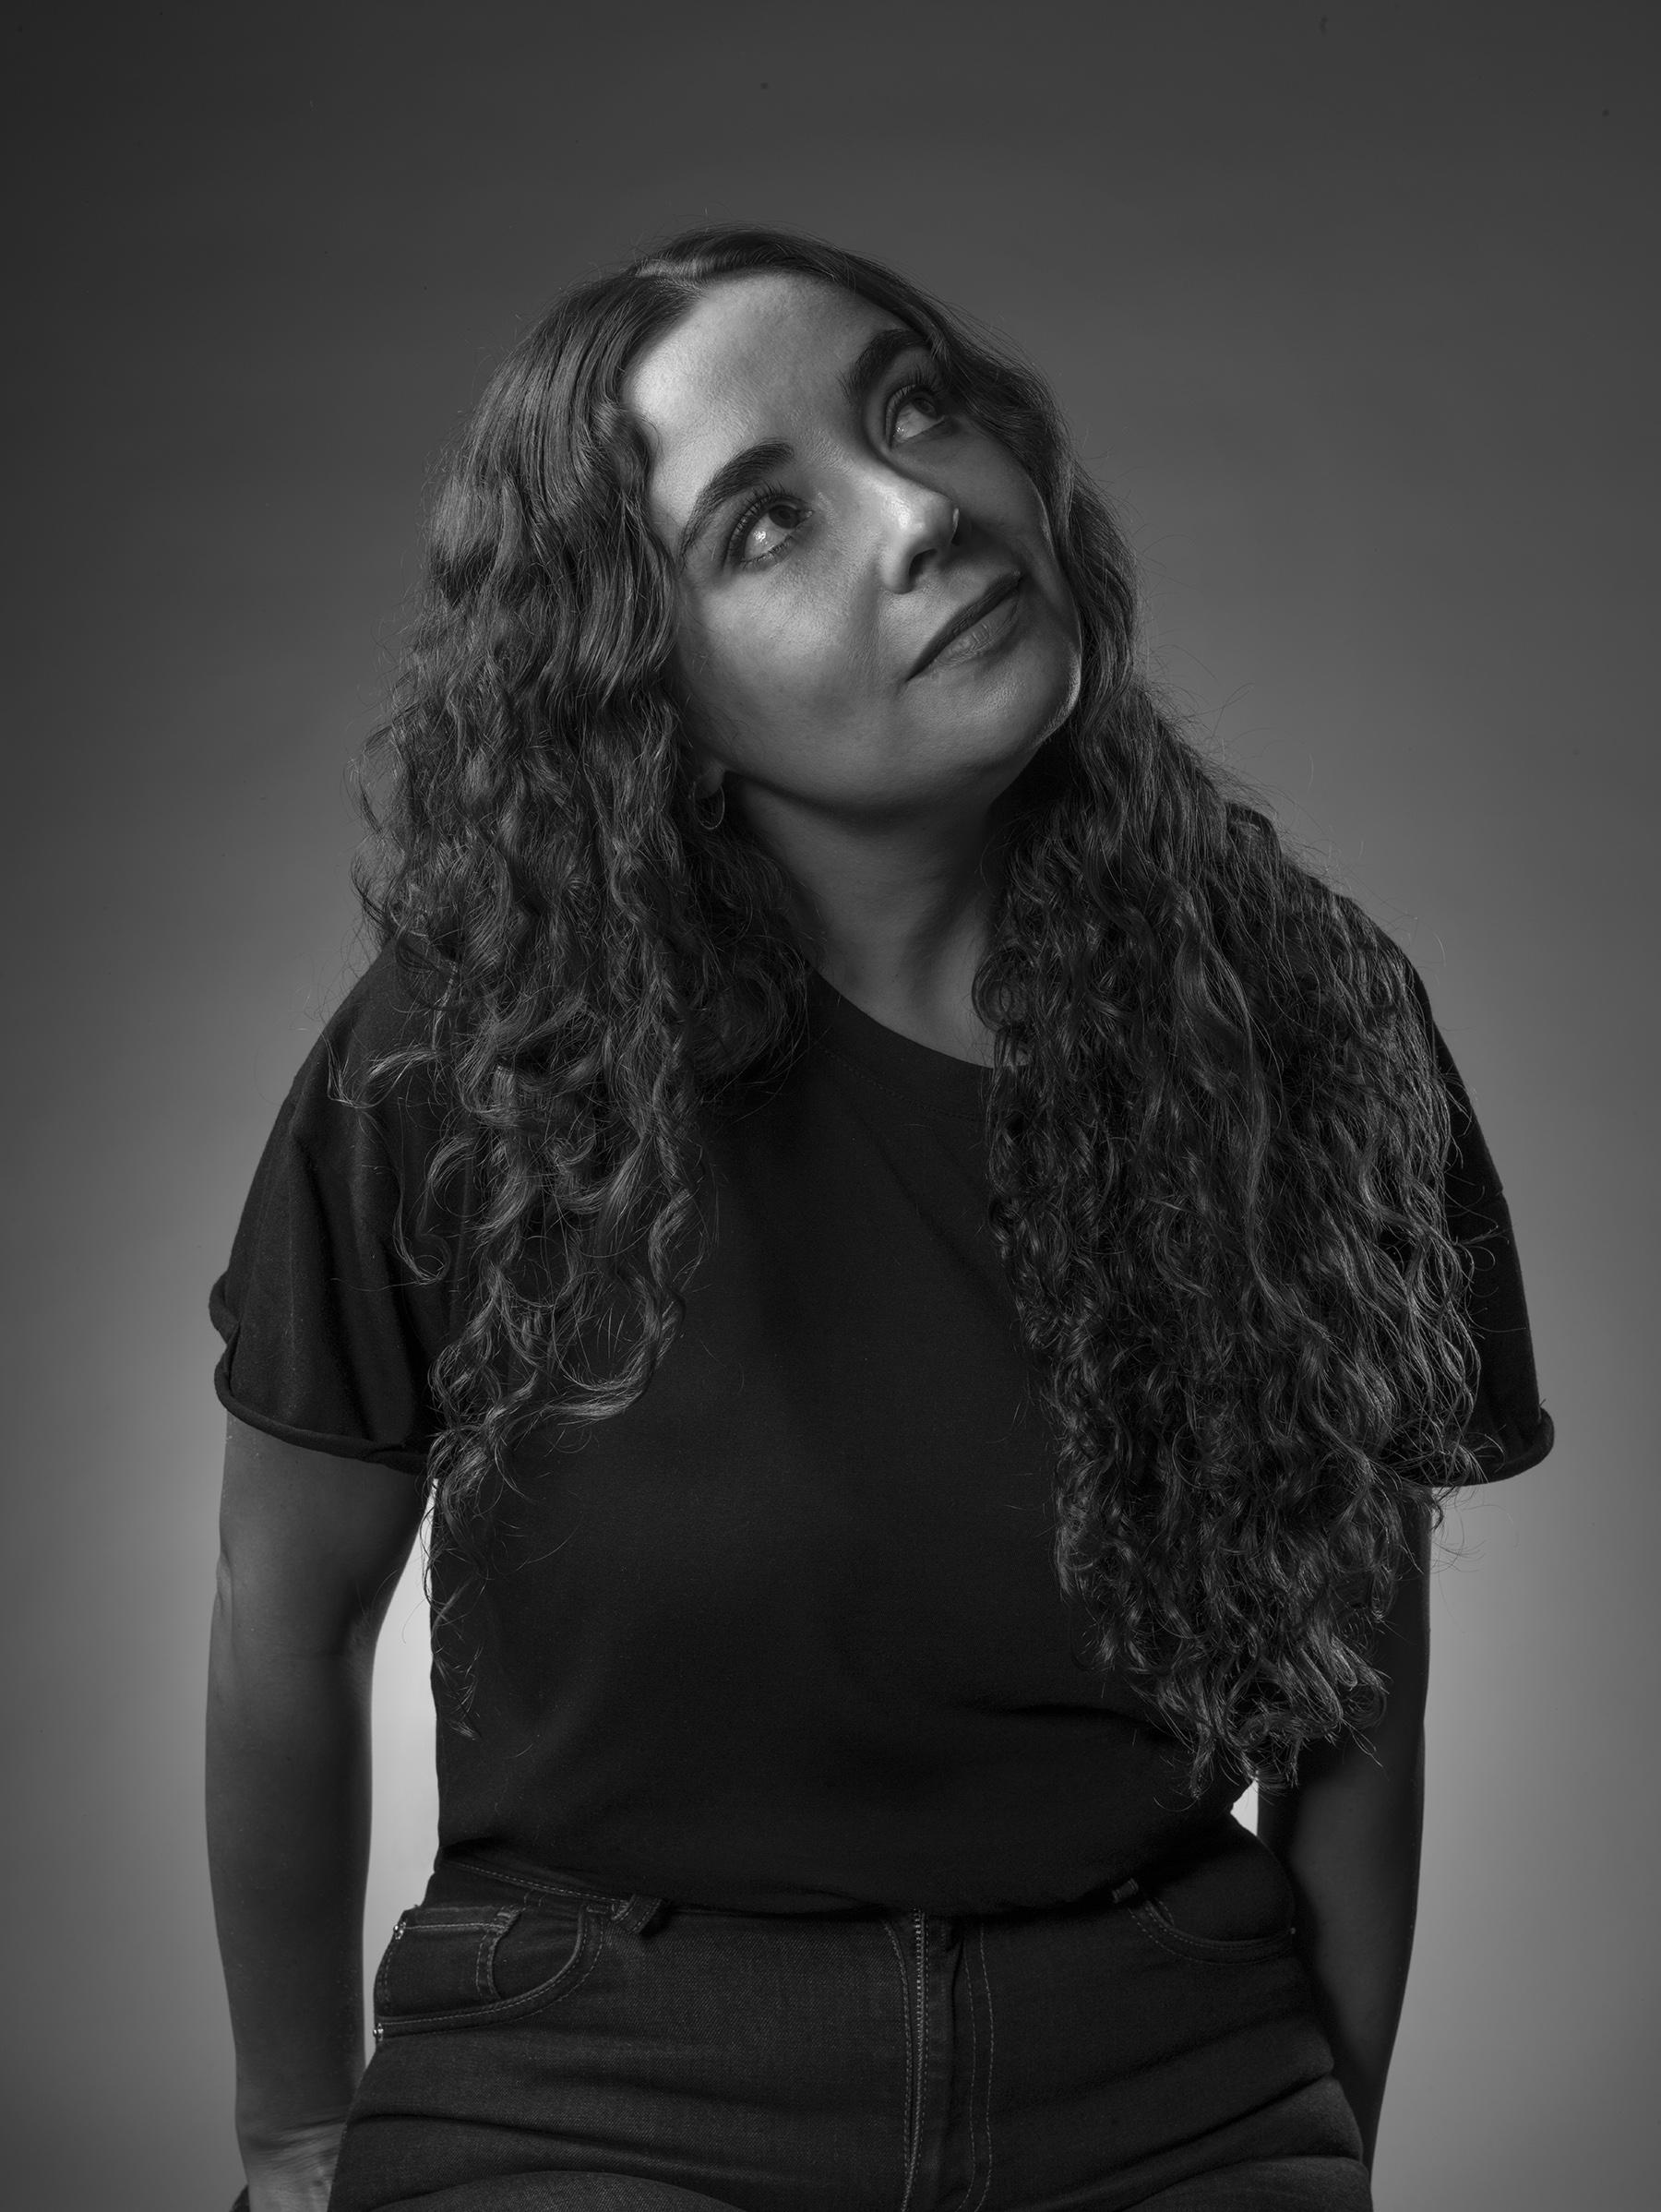 Mujeres creativas: publicistas que asumen un rol cada vez más preponderante en el sector